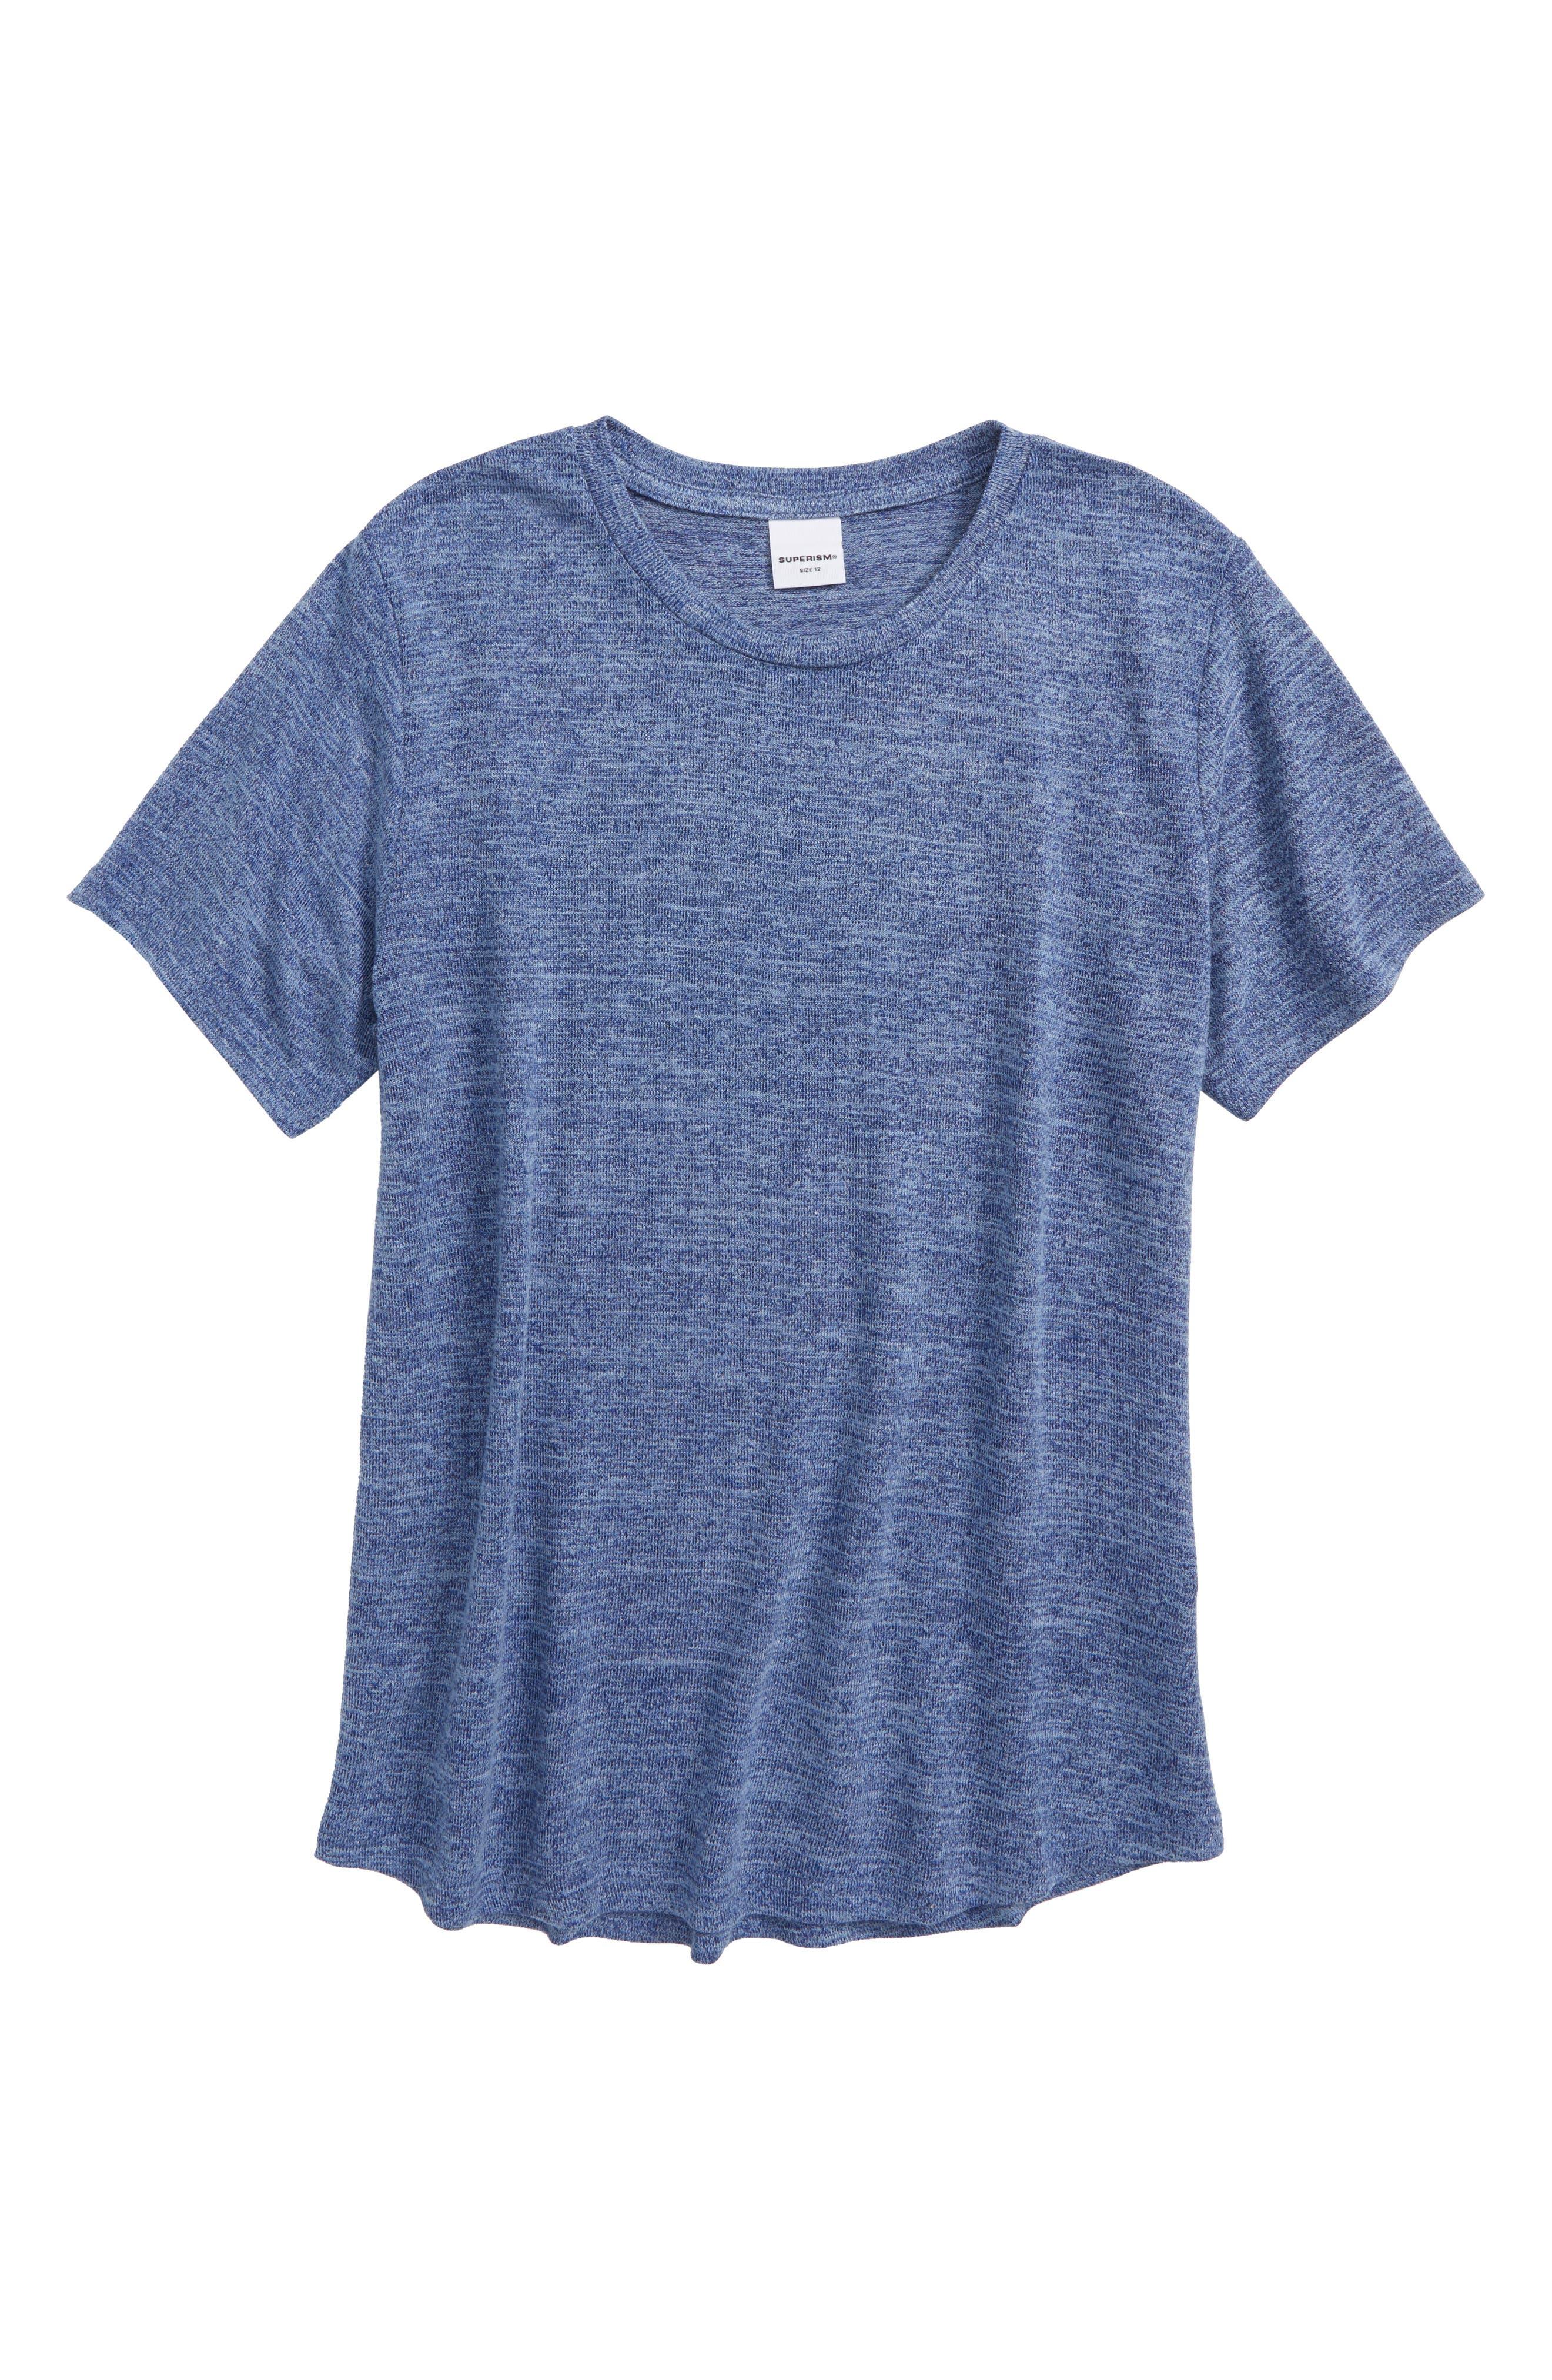 Landon Knit Shirt,                             Main thumbnail 1, color,                             400